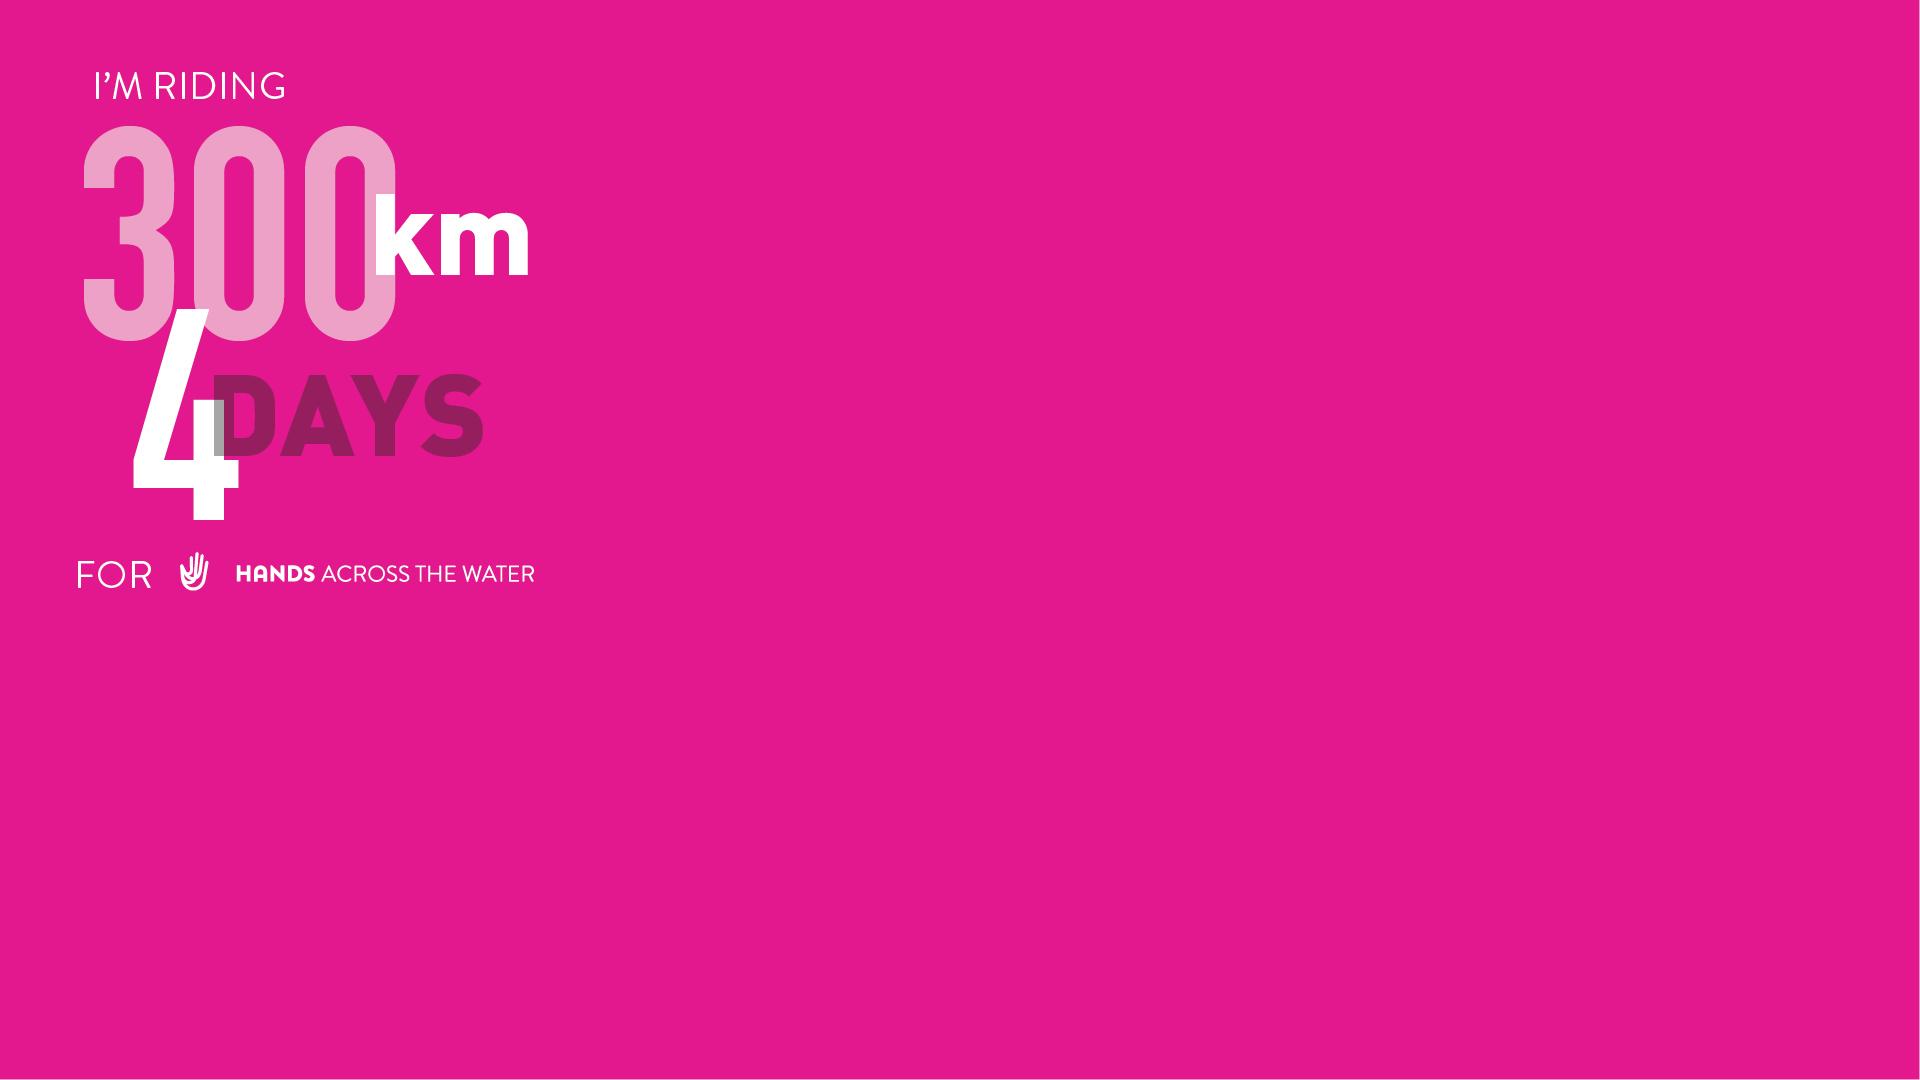 NZ Ride Zoom Background (Pink)